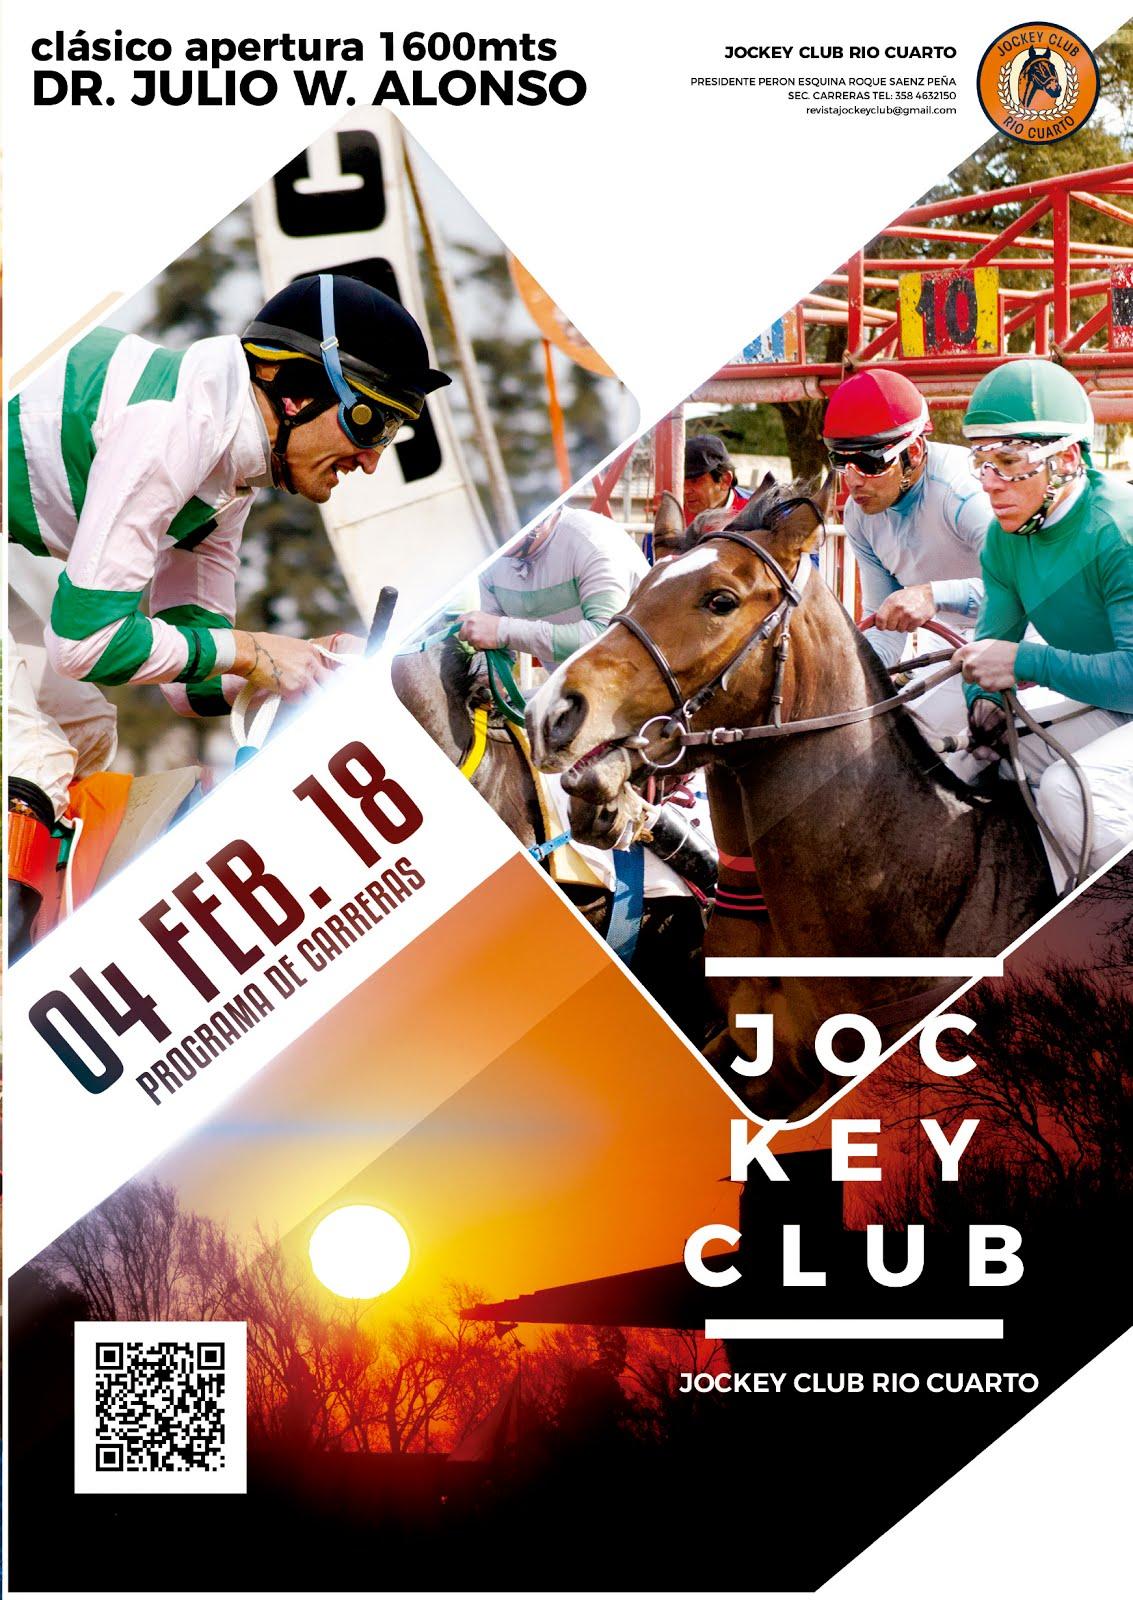 Programa de carreras / 04 de Noviembre 2018 / Jockey Club Río Cuarto